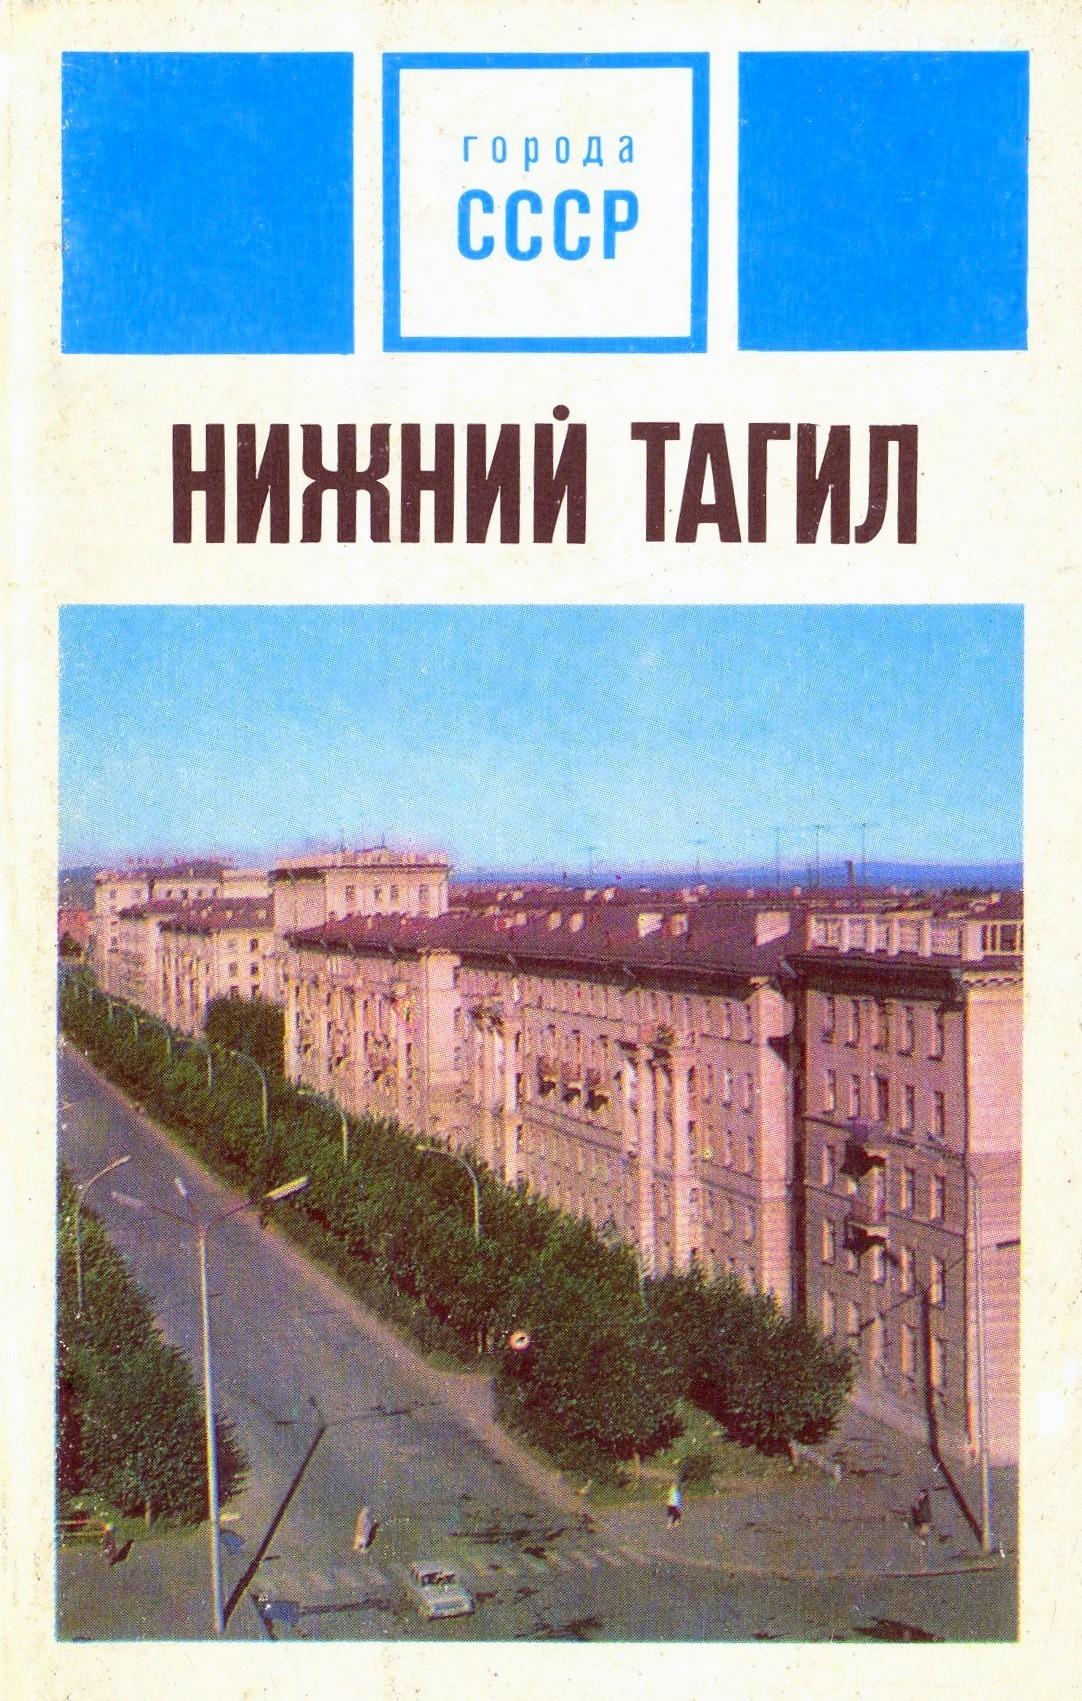 ZAVODFOTO / История городов России в фотографиях: Нижний Тагил в 1973 году